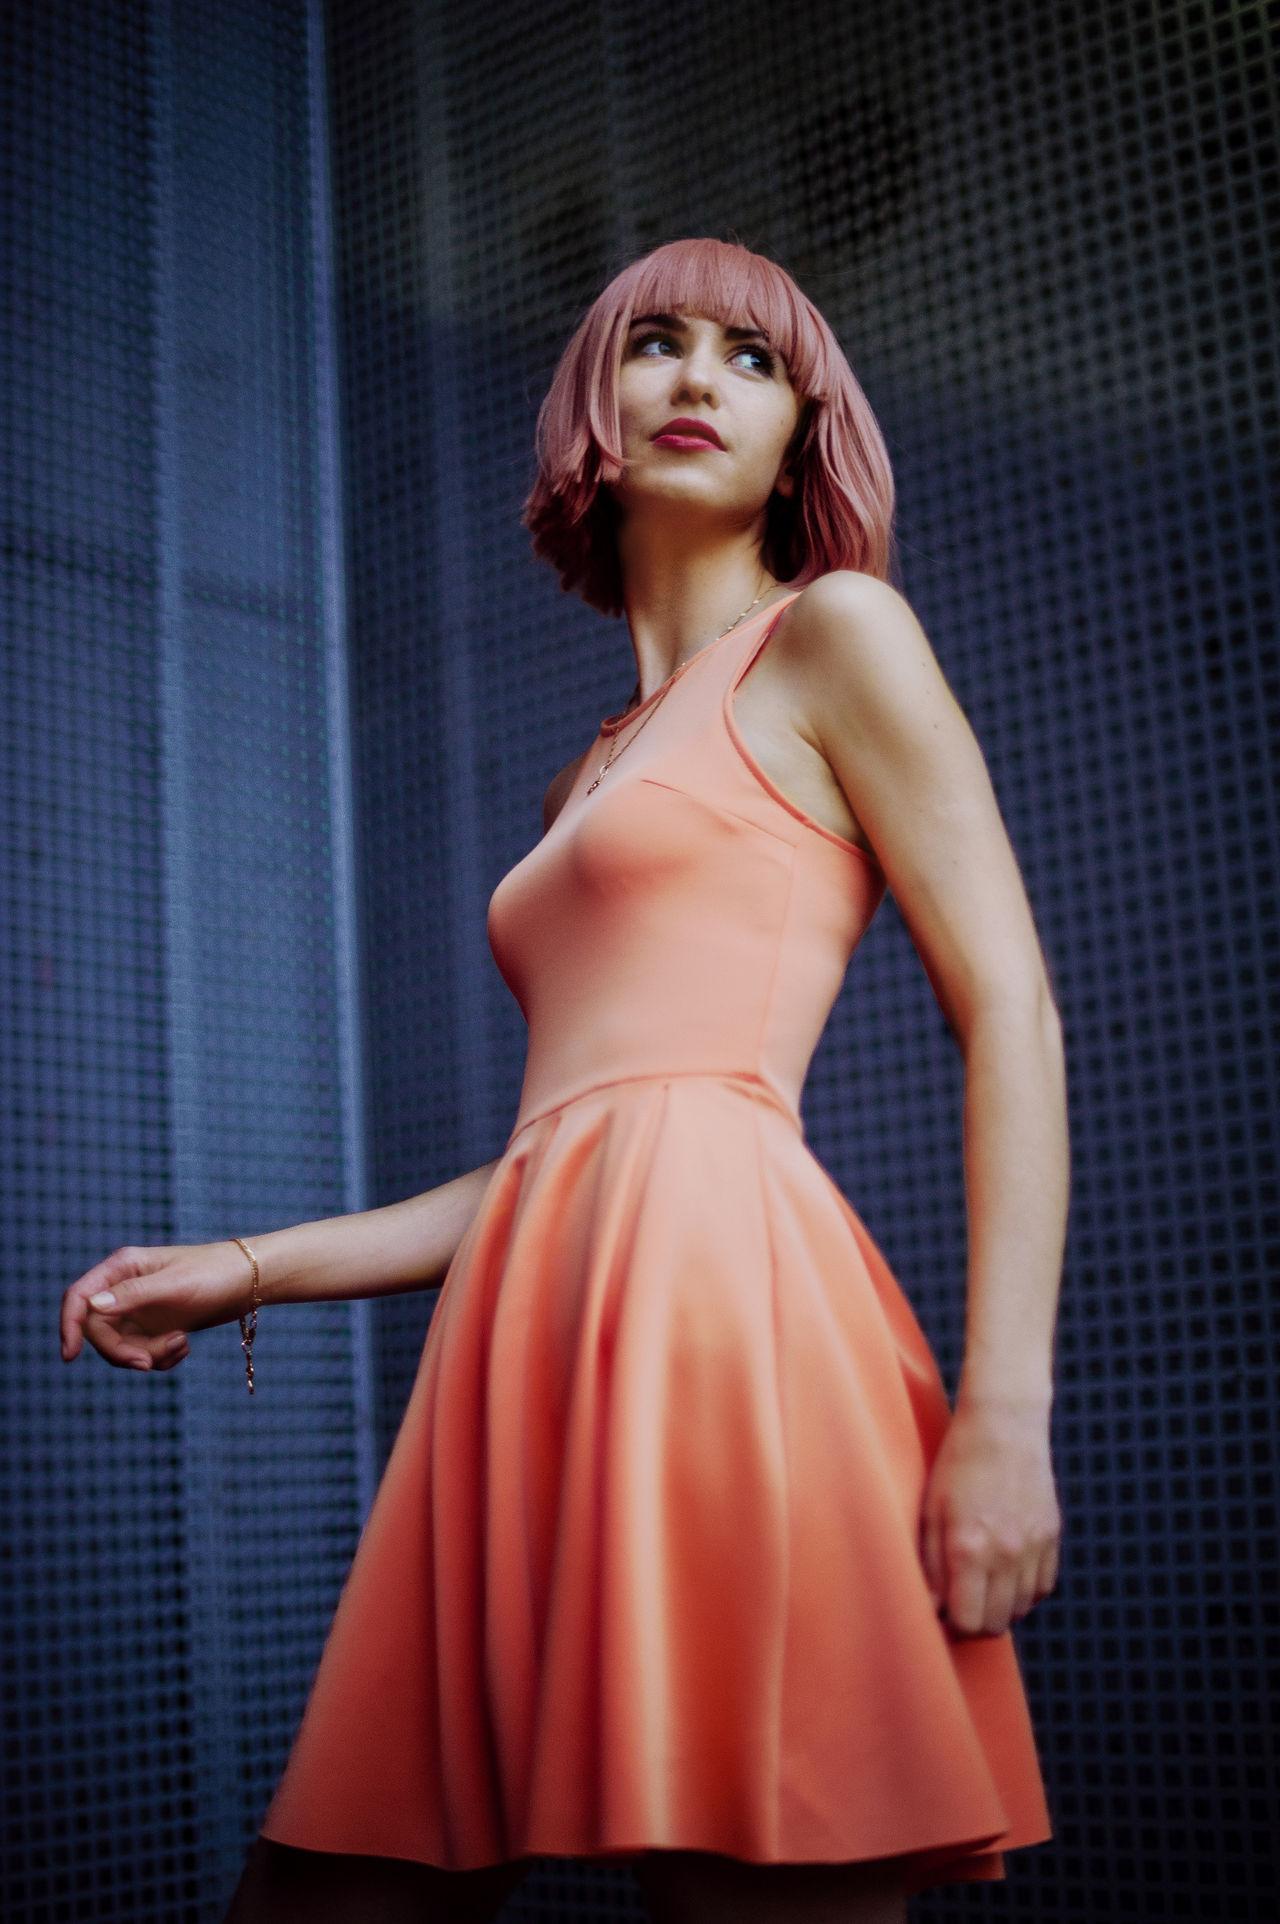 25-29 Years,  Beautiful Woman,  Beauty,  Blue Background,  Dress